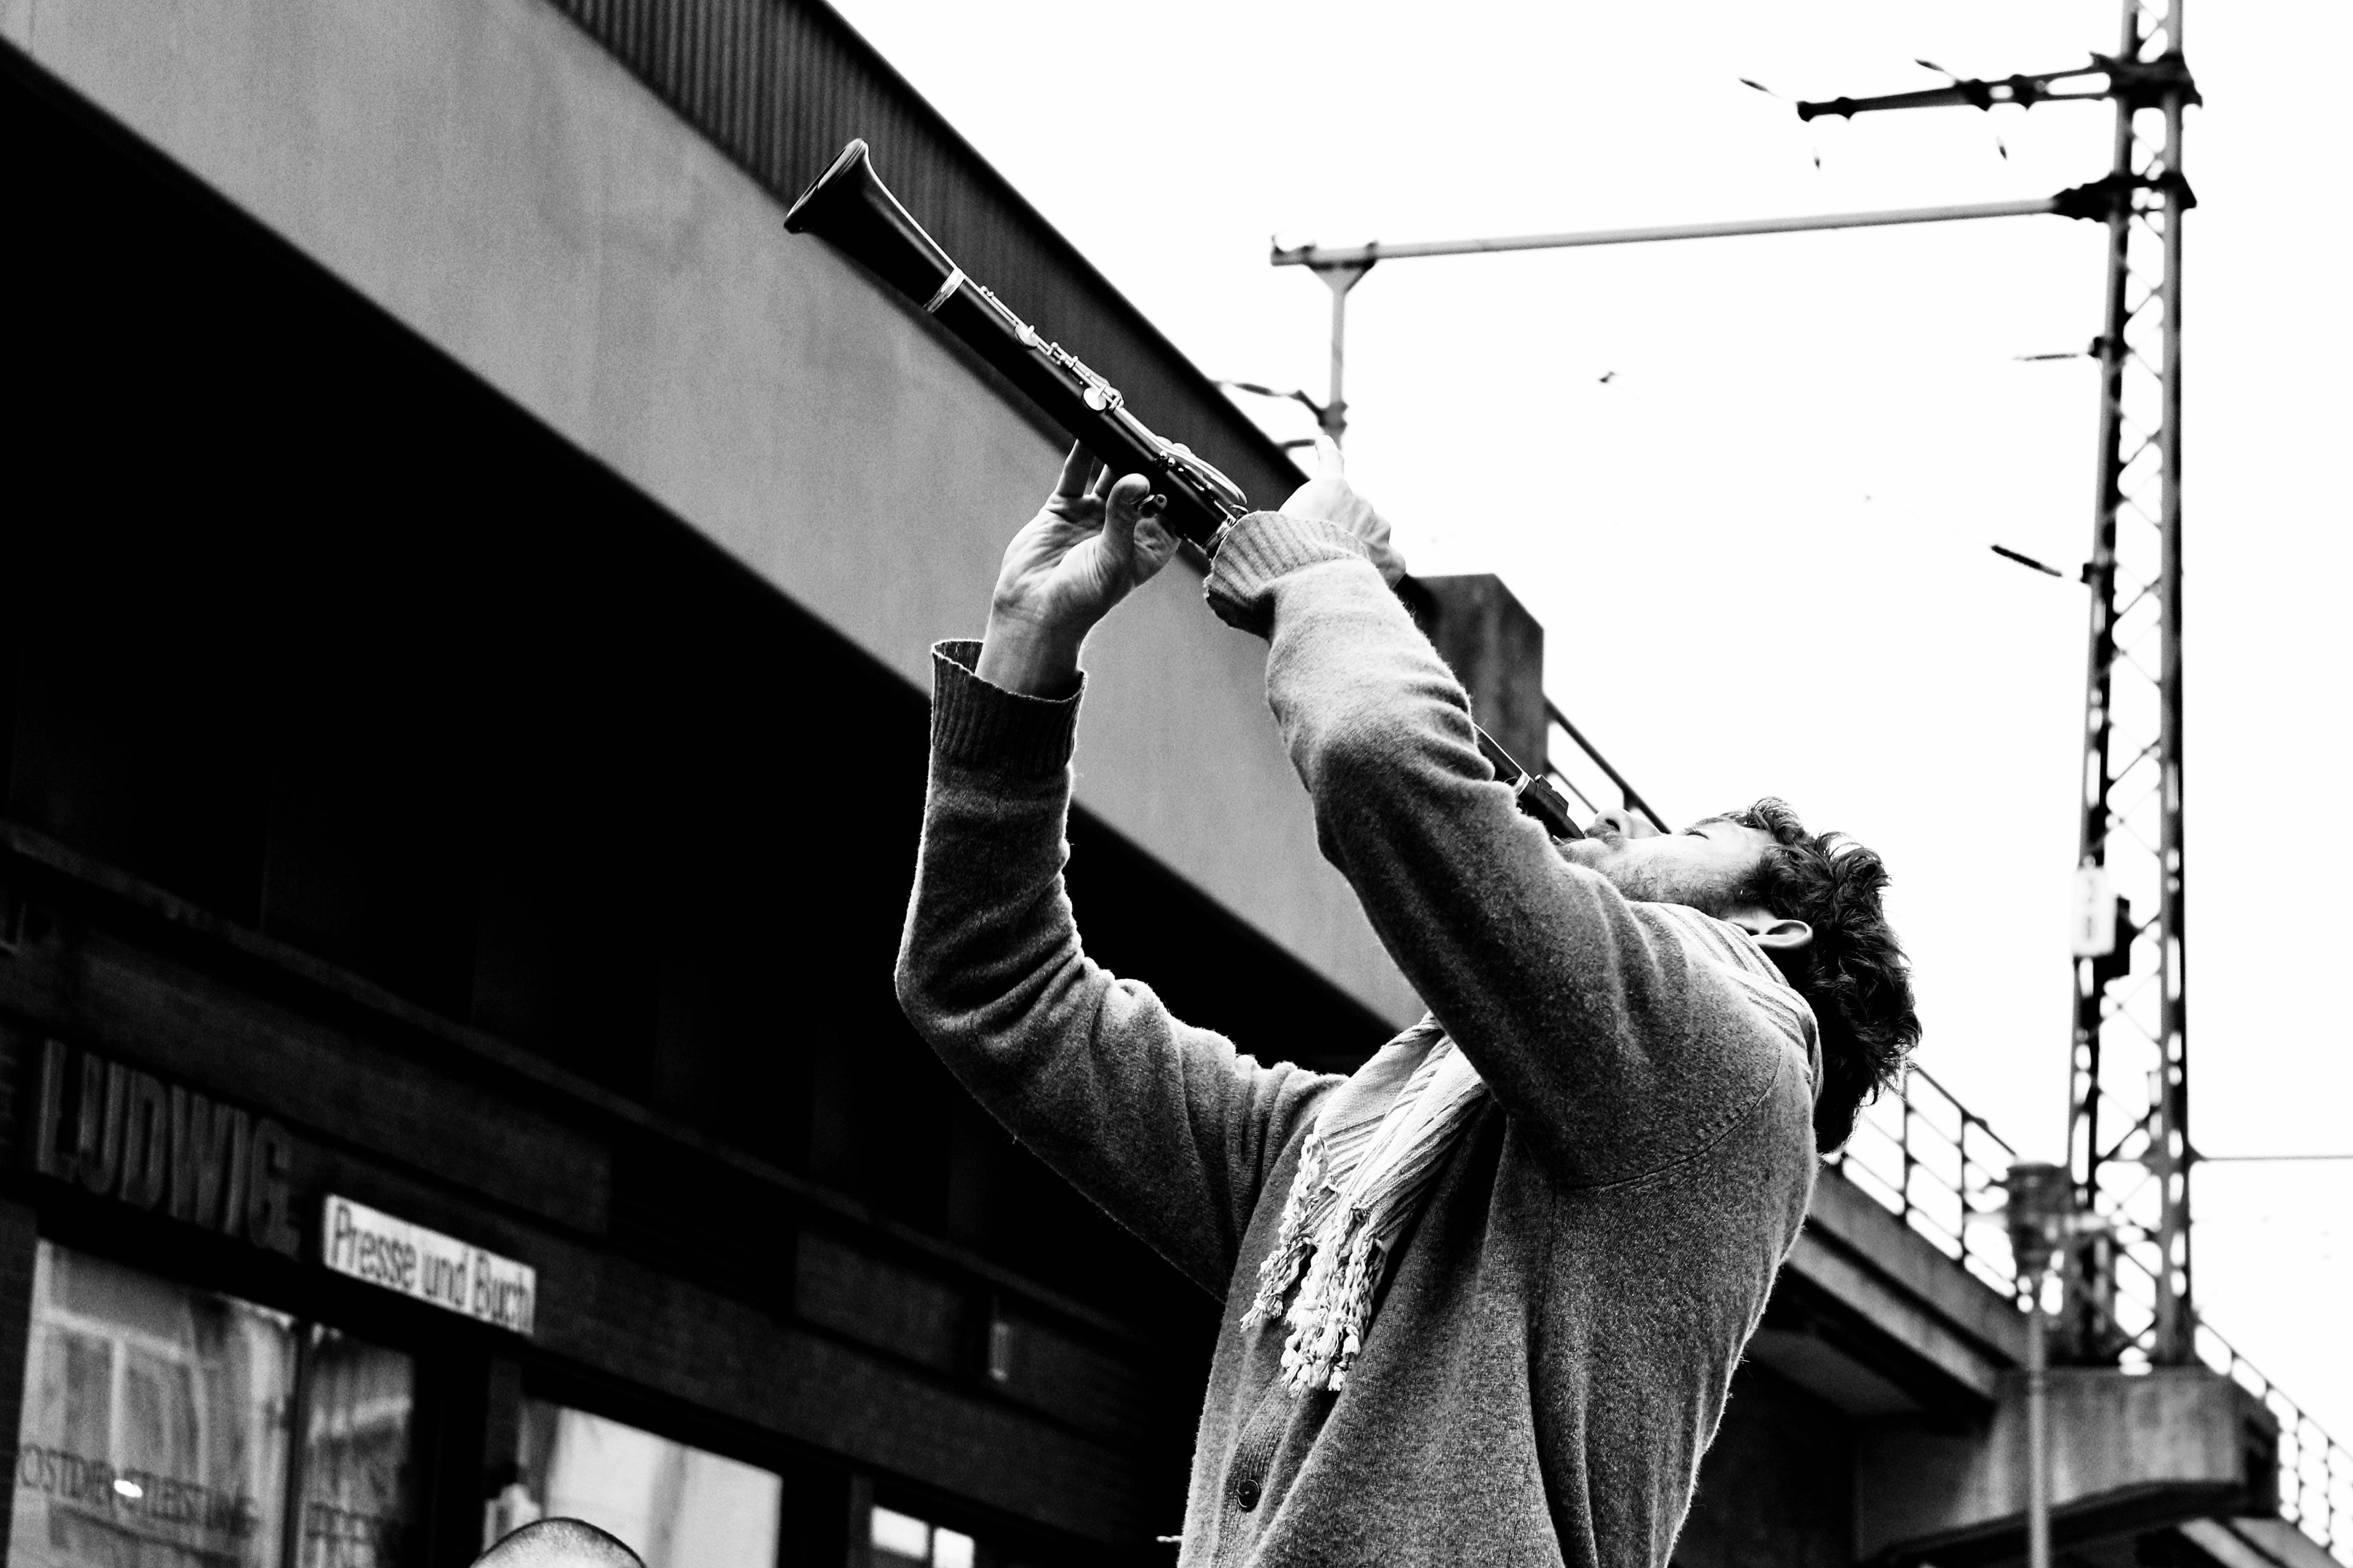 Δωρεάν στοκ φωτογραφιών με toomaj f bungs, άνδρας, ζωντανή παράσταση, κιθάρα